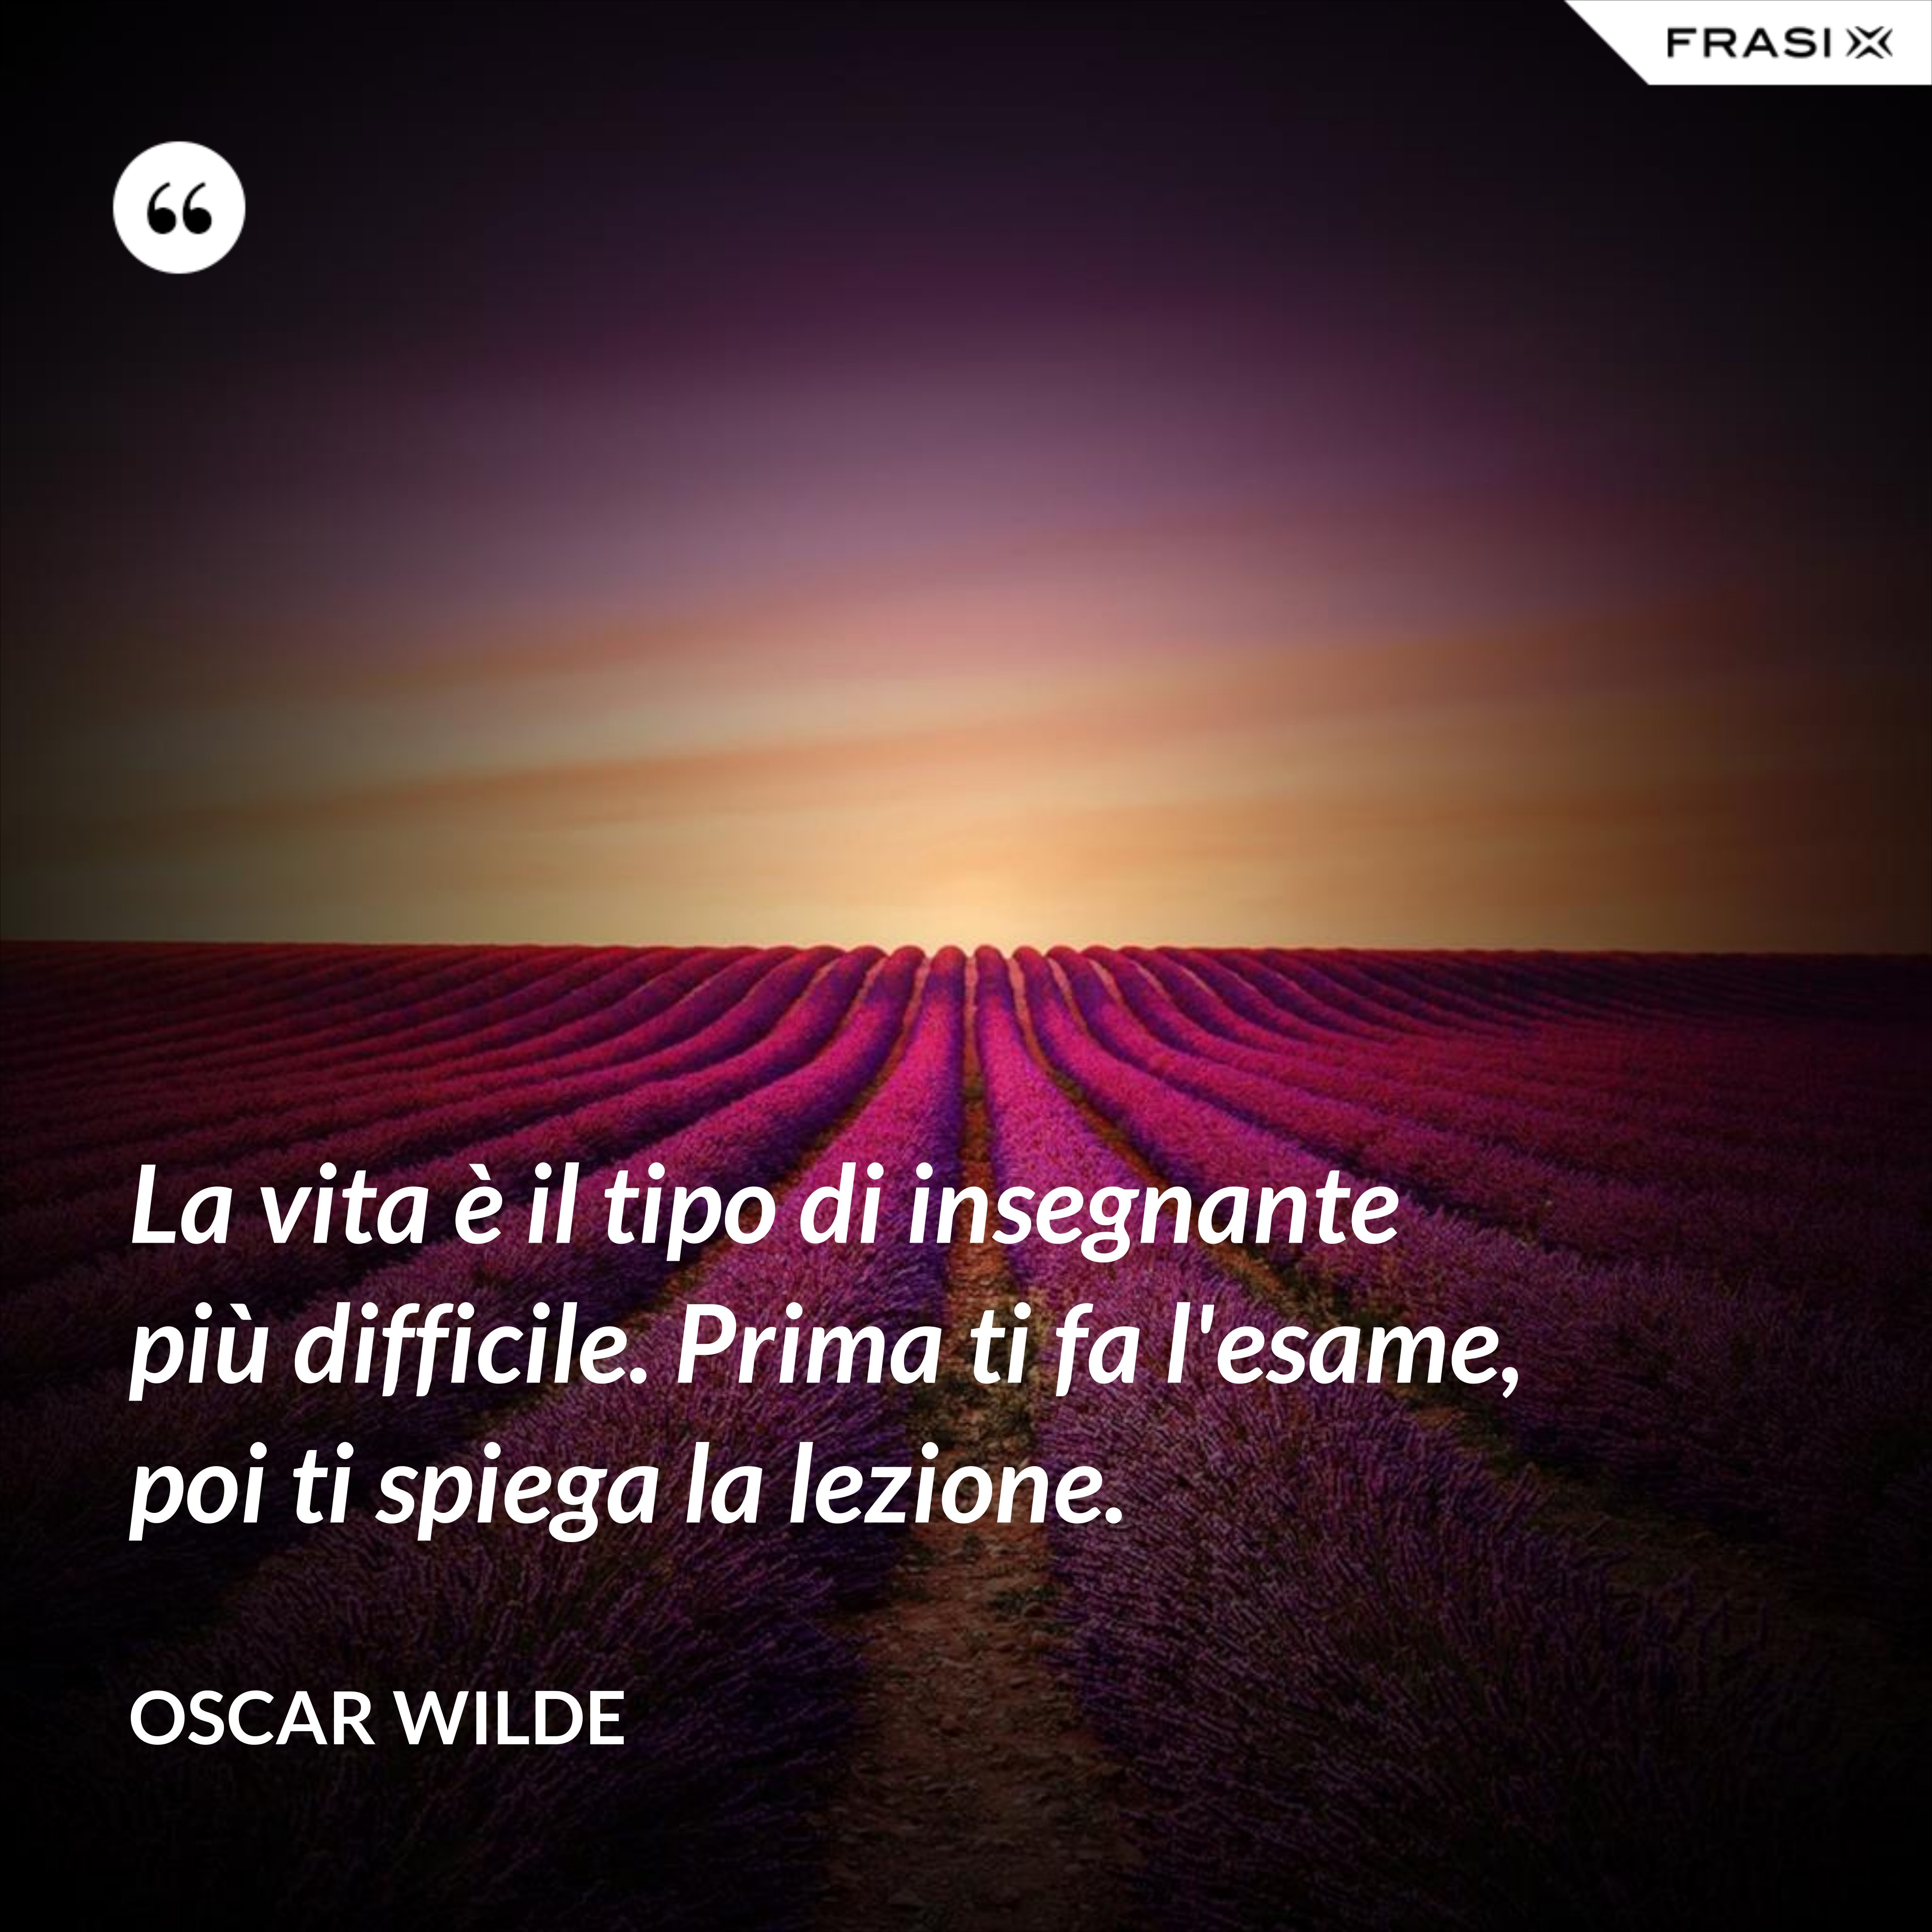 La vita è il tipo di insegnante più difficile. Prima ti fa l'esame, poi ti spiega la lezione. - Oscar Wilde